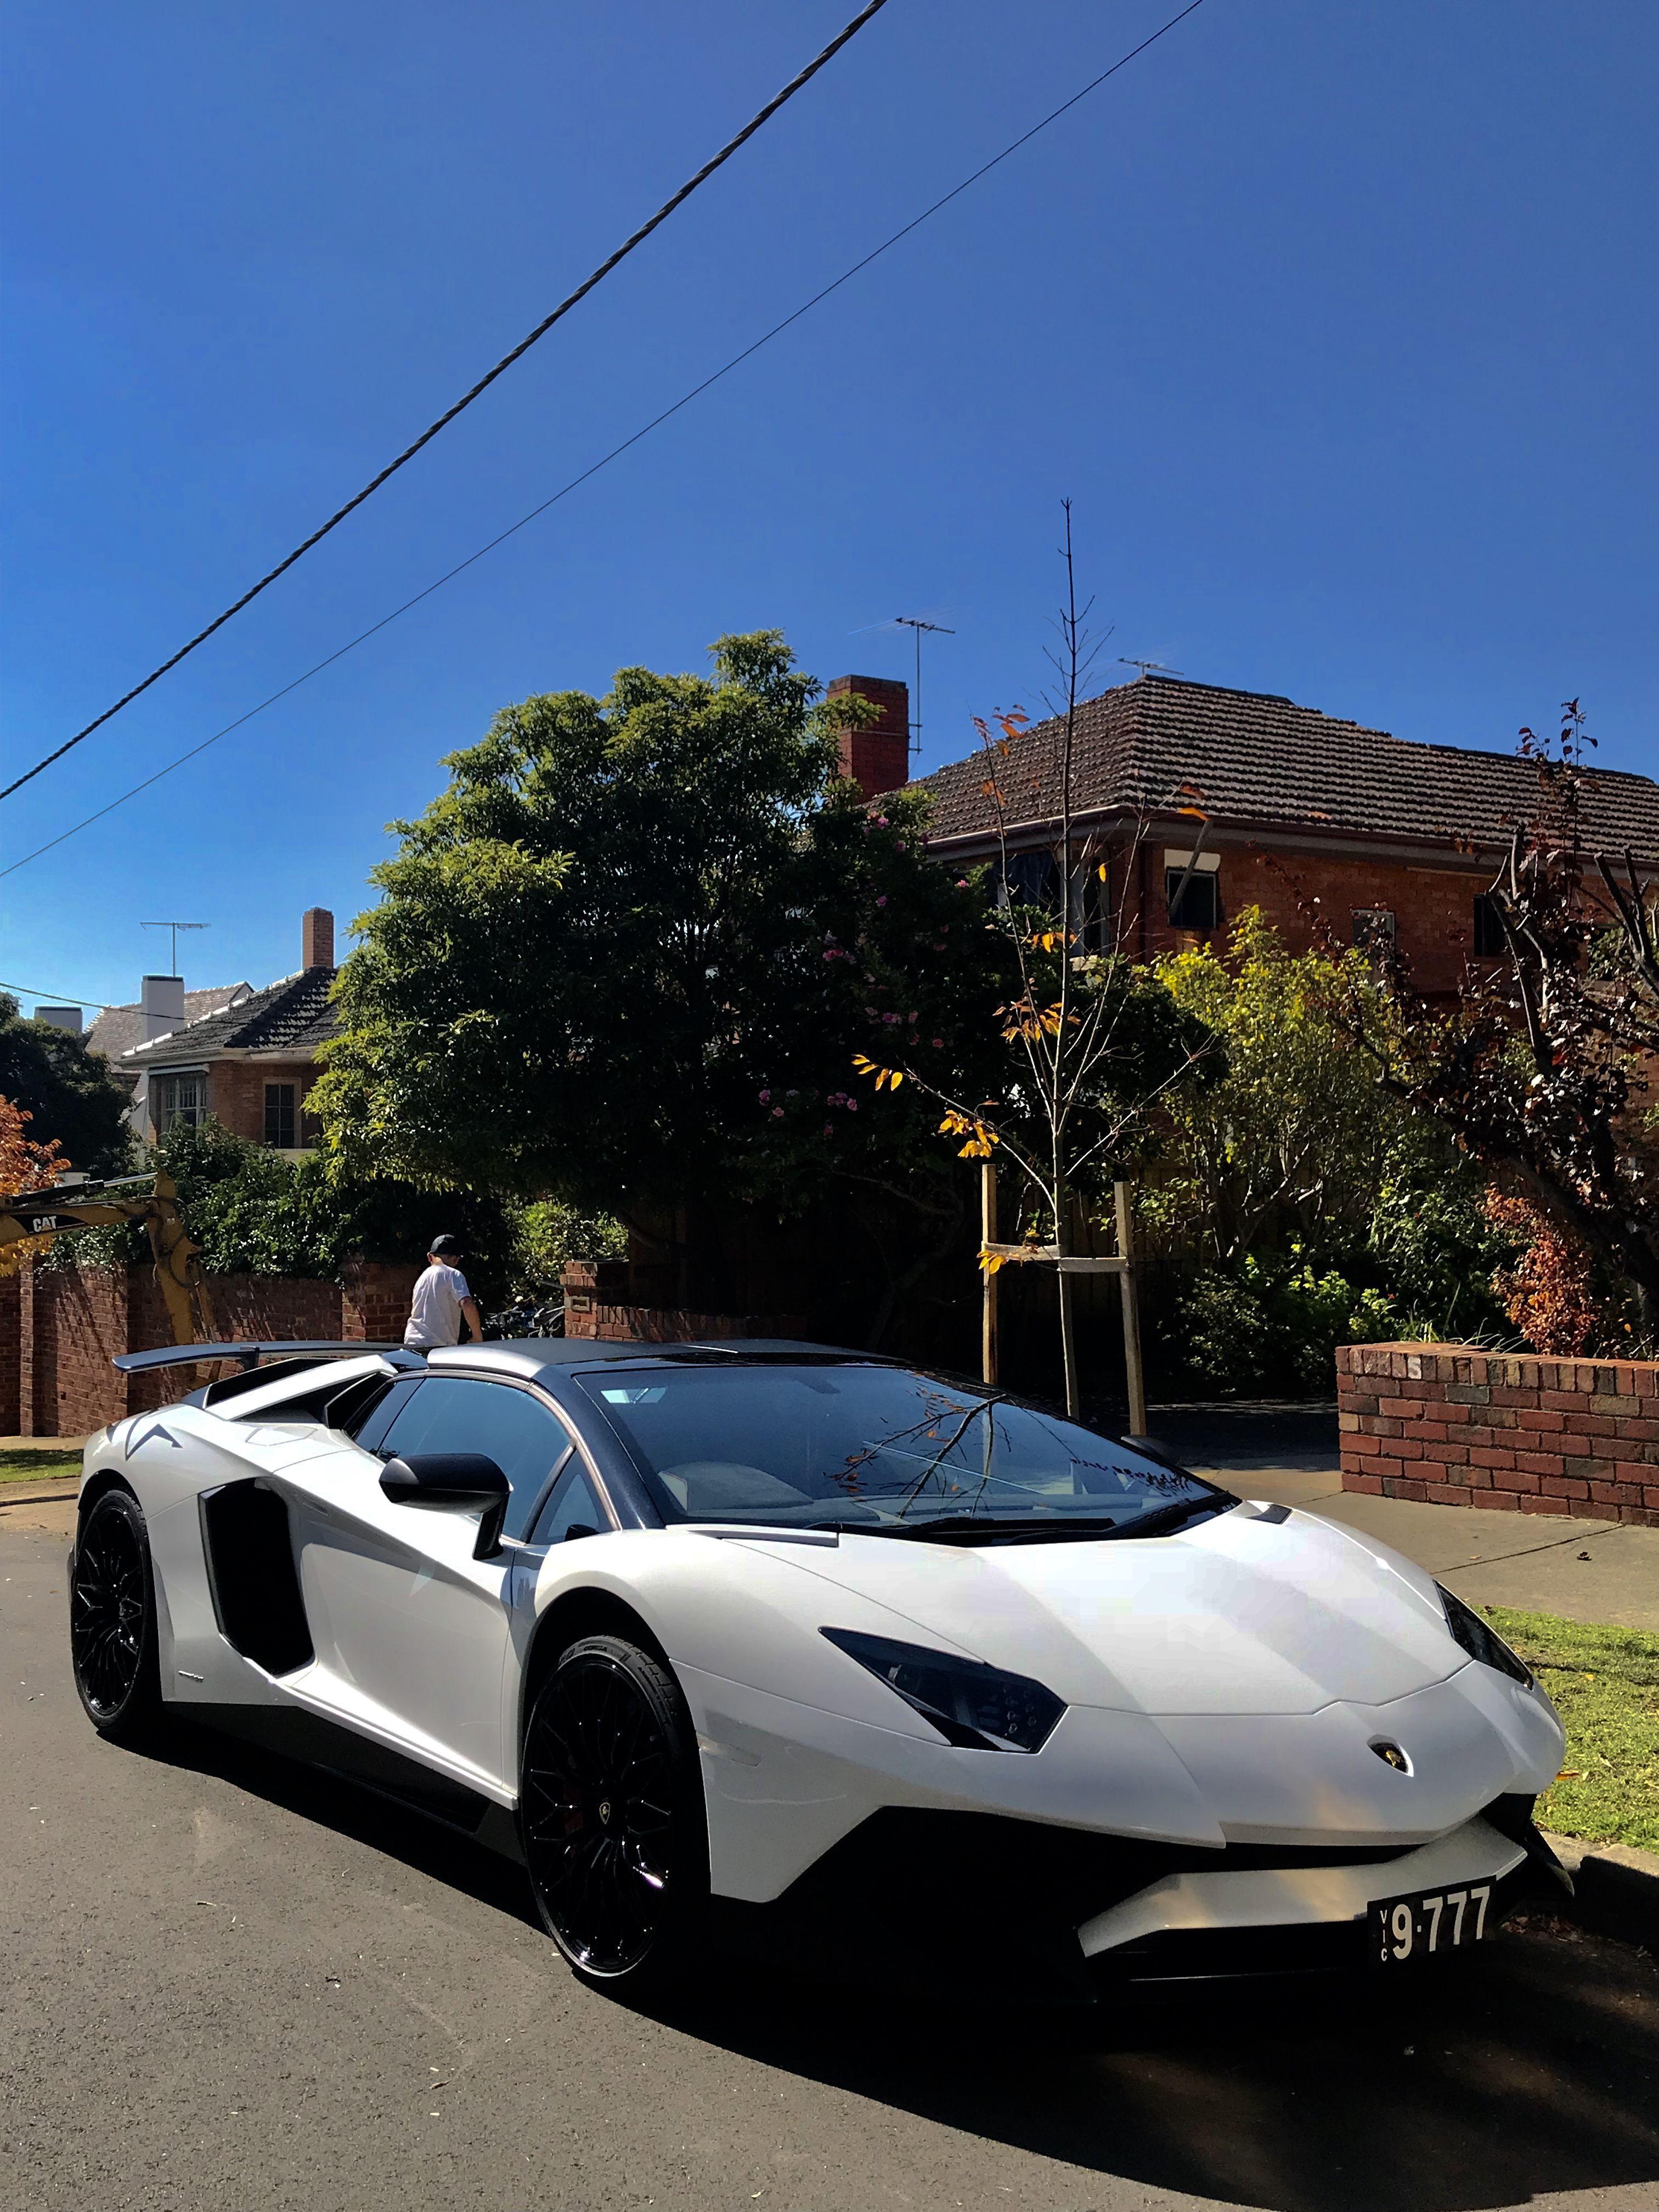 Shiny white Lamborghini SV aventador Roadster #lamborghinisv Shiny white Lamborghini SV aventador Roadster #lamborghinisv Shiny white Lamborghini SV aventador Roadster #lamborghinisv Shiny white Lamborghini SV aventador Roadster #lamborghinisv